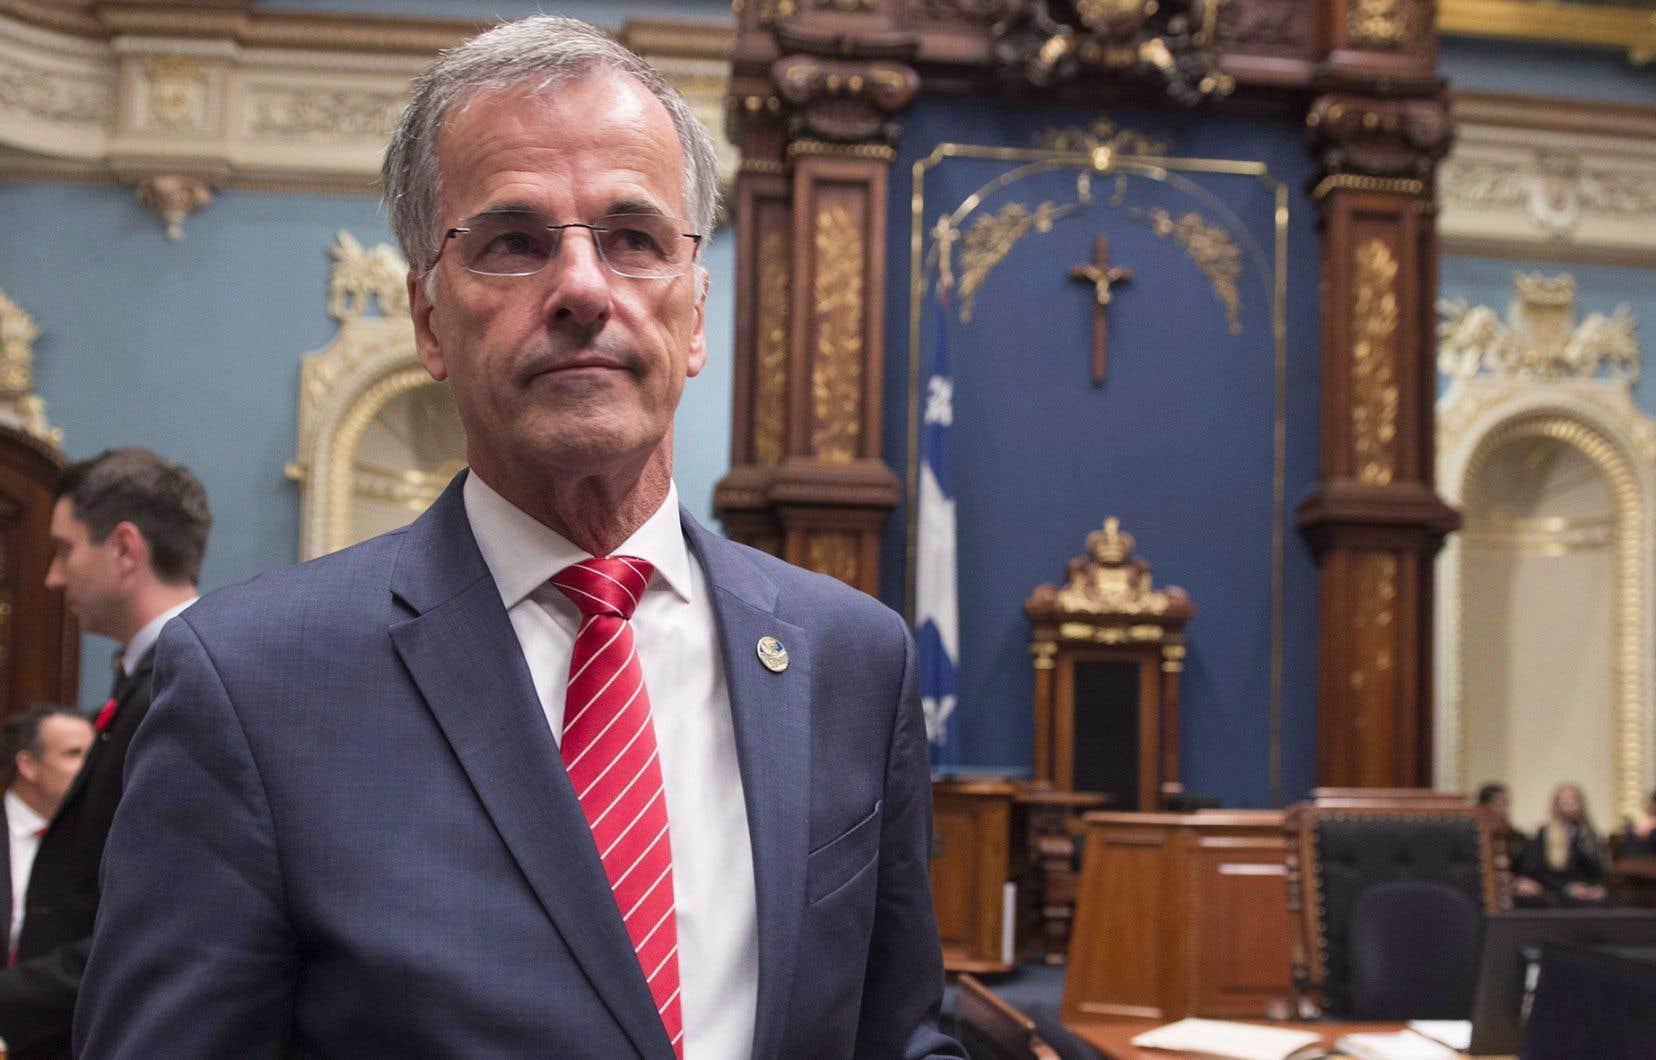 En octobre 2017, le député Guy Ouellette avait été arrêté parce que les policiers le soupçonnaient d'avoir transmis des informations confidentielles à des journalistes.